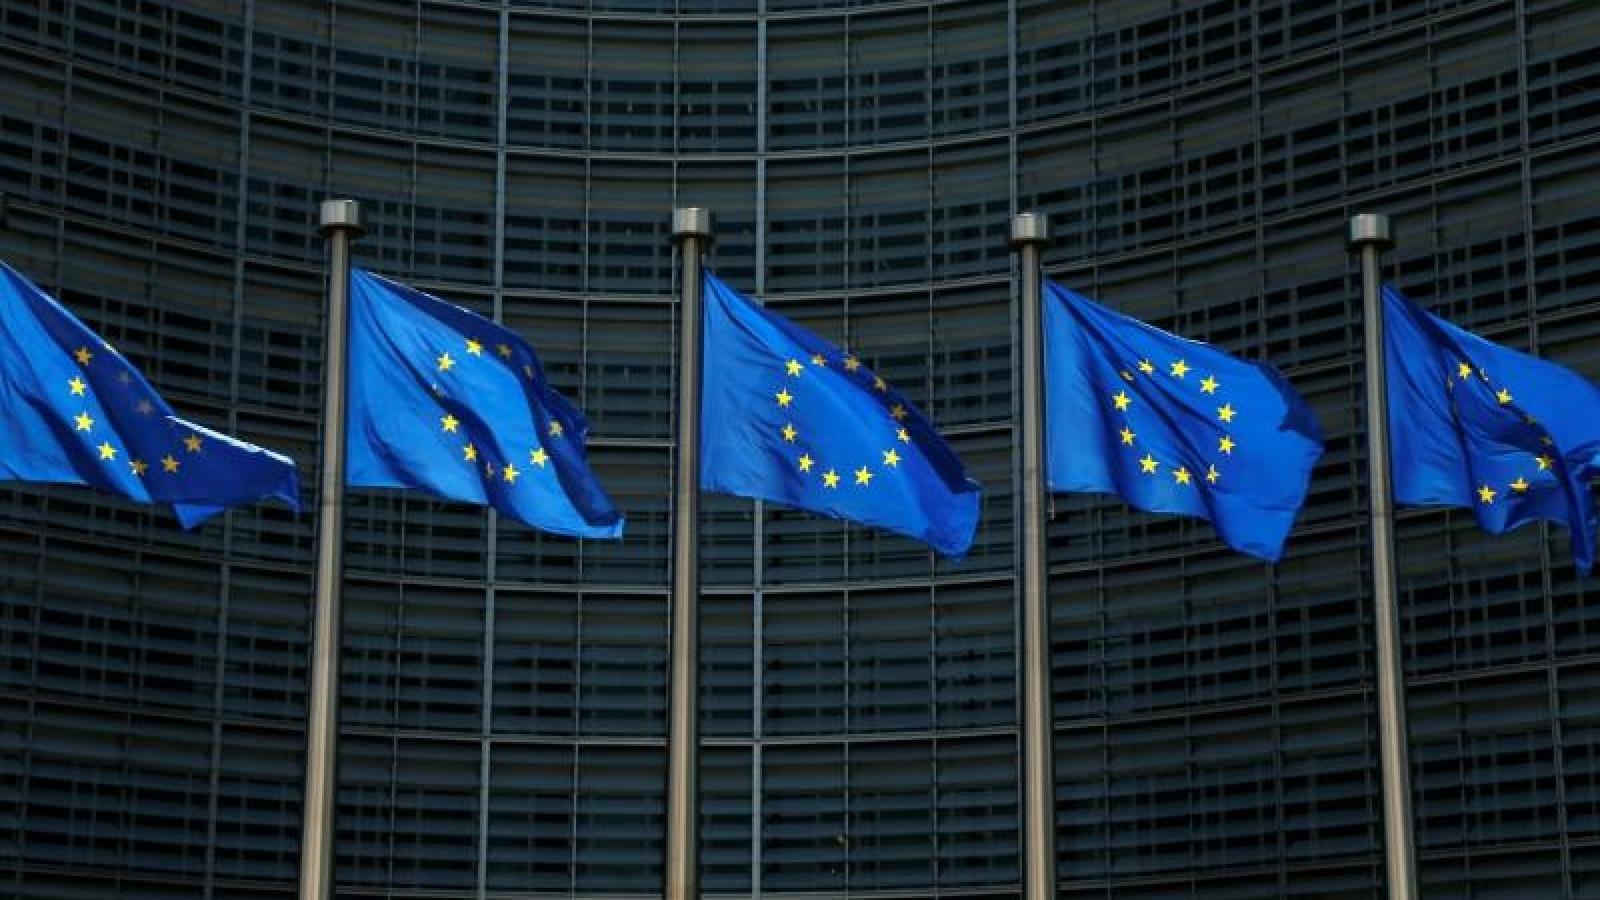 Châu Âu siết chặt kiểm soát biên giới vì lo ngại khủng bố